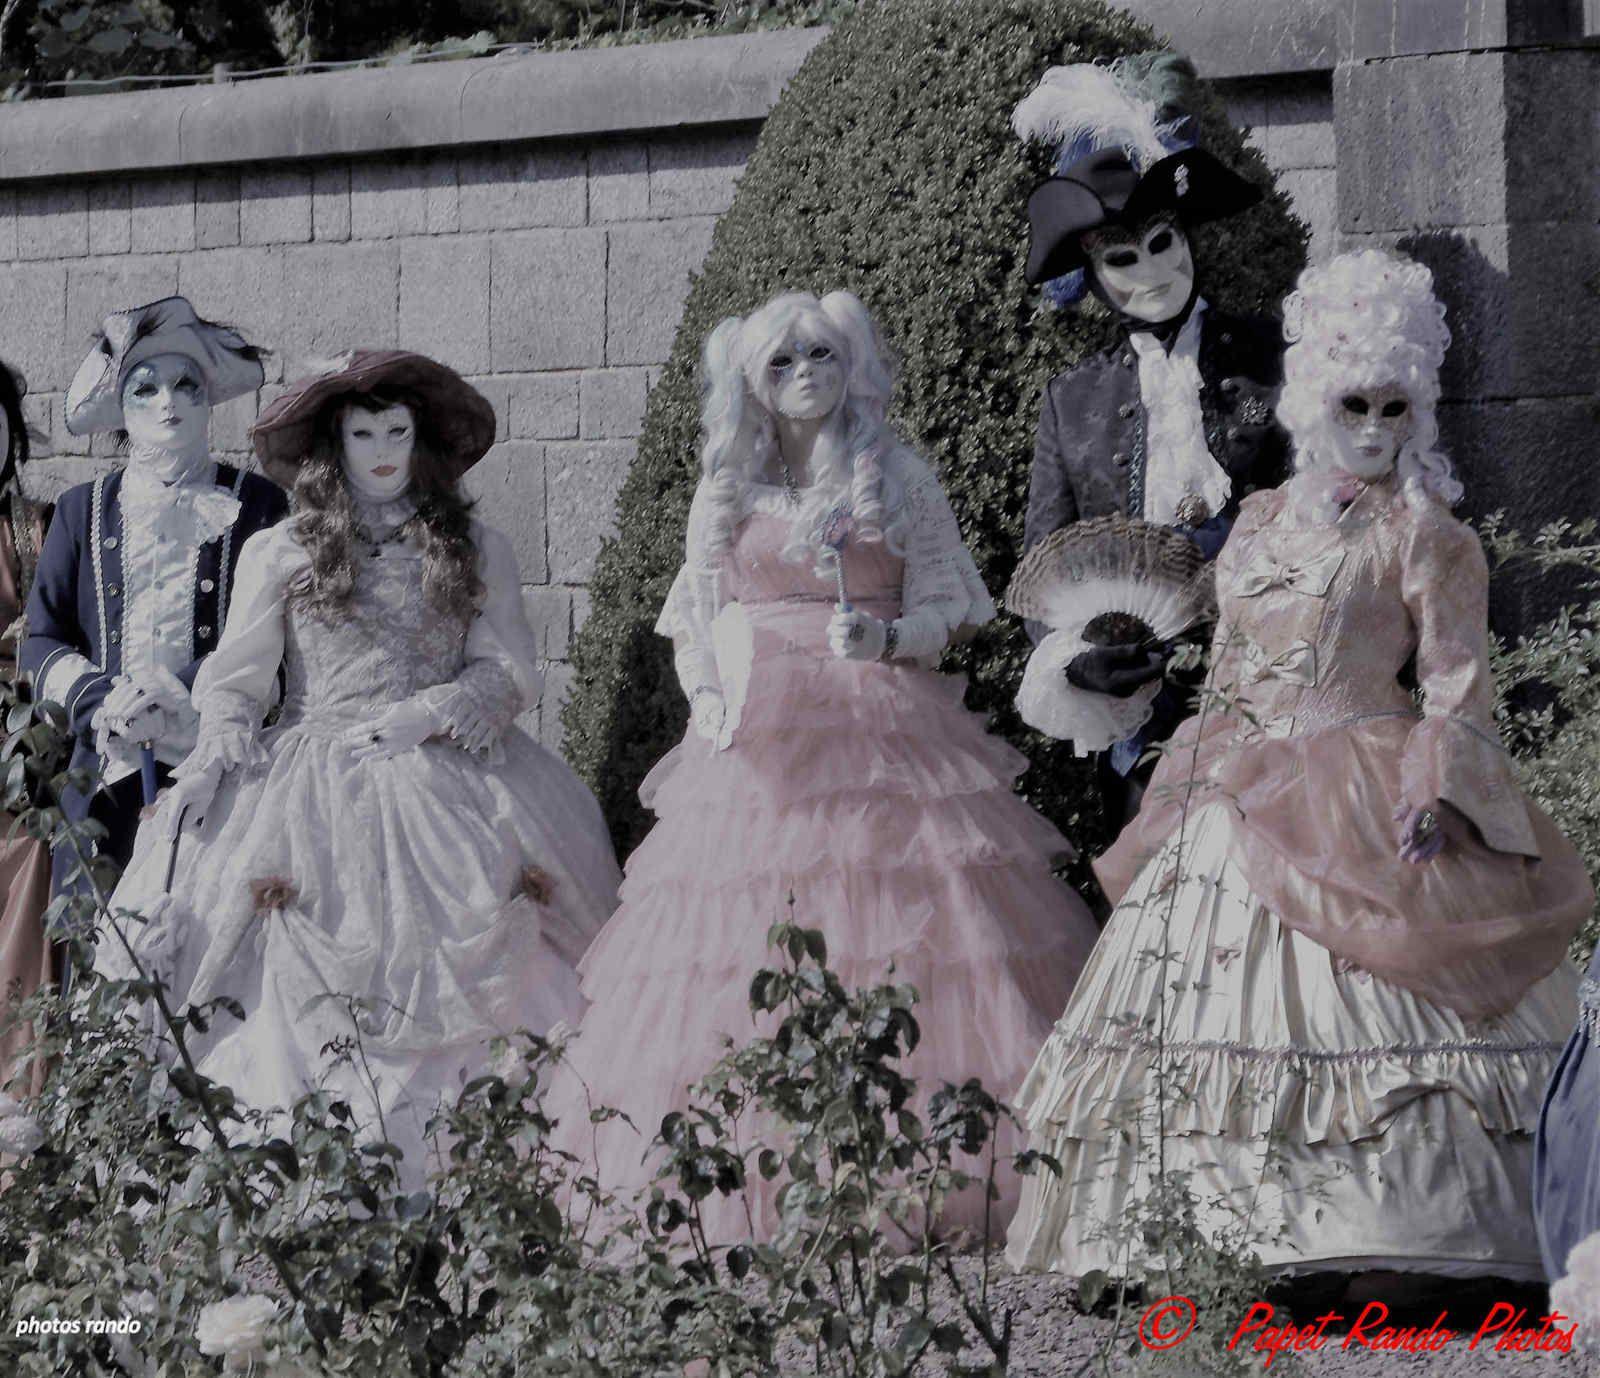 Journée magnifique dans cette année noire, les Venitiens au Chateau de Feluy au Art'is Fous 1ere partiela sortie du matin